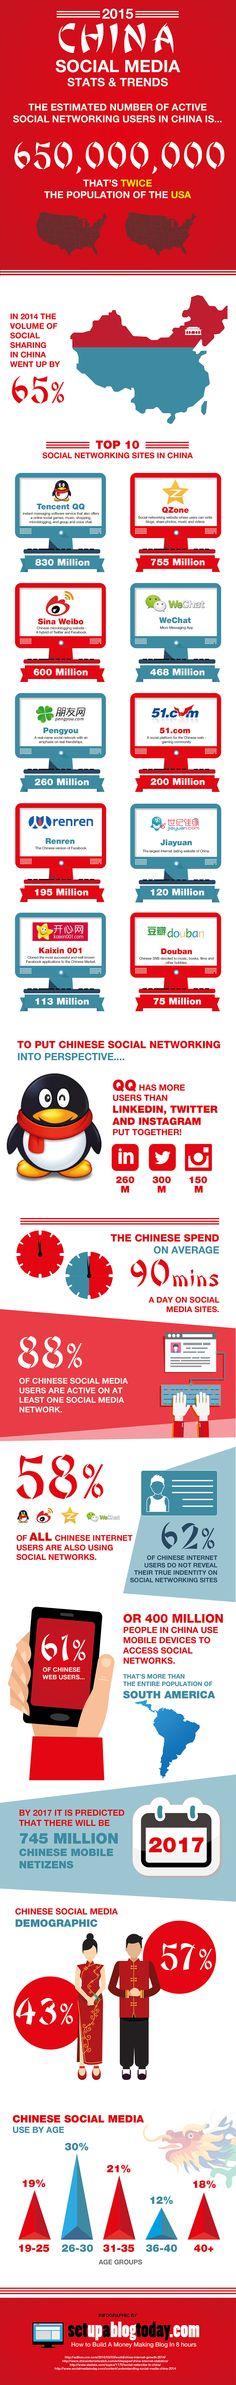 Infografía sobre Red